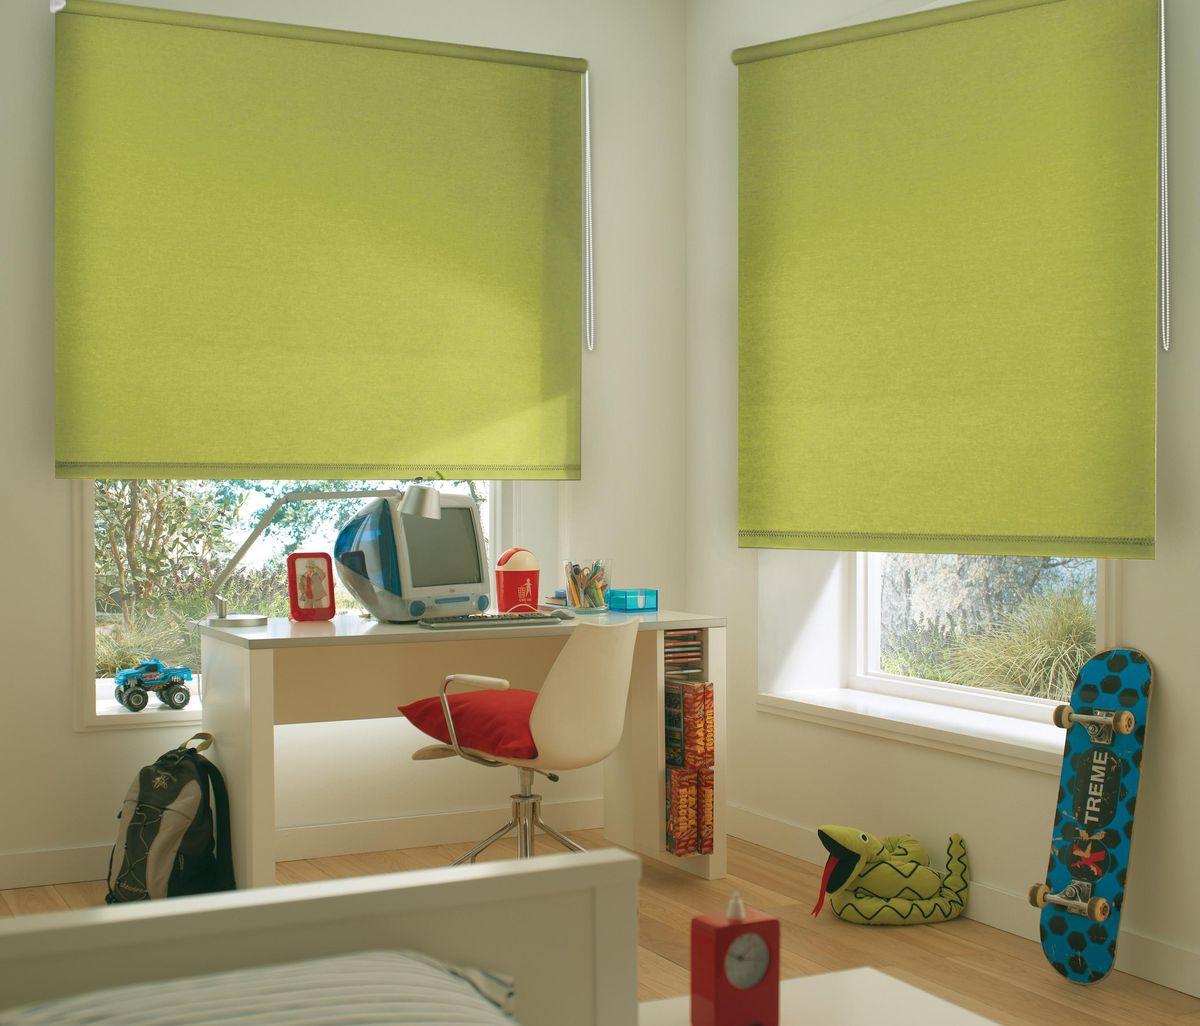 Штора рулонная Эскар, цвет: салатовый, ширина 80 см, высота 170 см1004900000360Рулонными шторами можно оформлять окна как самостоятельно, так и использовать в комбинации с портьерами. Это поможет предотвратить выгорание дорогой ткани на солнце и соединит функционал рулонных с красотой навесных.Преимущества применения рулонных штор для пластиковых окон:- имеют прекрасный внешний вид: многообразие и фактурность материала изделия отлично смотрятся в любом интерьере; - многофункциональны: есть возможность подобрать шторы способные эффективно защитить комнату от солнца, при этом о на не будет слишком темной. - Есть возможность осуществить быстрый монтаж. ВНИМАНИЕ! Размеры ширины изделия указаны по ширине ткани!Во время эксплуатации не рекомендуется полностью разматывать рулон, чтобы не оторвать ткань от намоточного вала.В случае загрязнения поверхности ткани, чистку шторы проводят одним из способов, в зависимости от типа загрязнения: легкое поверхностное загрязнение можно удалить при помощи канцелярского ластика; чистка от пыли производится сухим методом при помощи пылесоса с мягкой щеткой-насадкой; для удаления пятна используйте мягкую губку с пенообразующим неагрессивным моющим средством или пятновыводитель на натуральной основе (нельзя применять растворители).